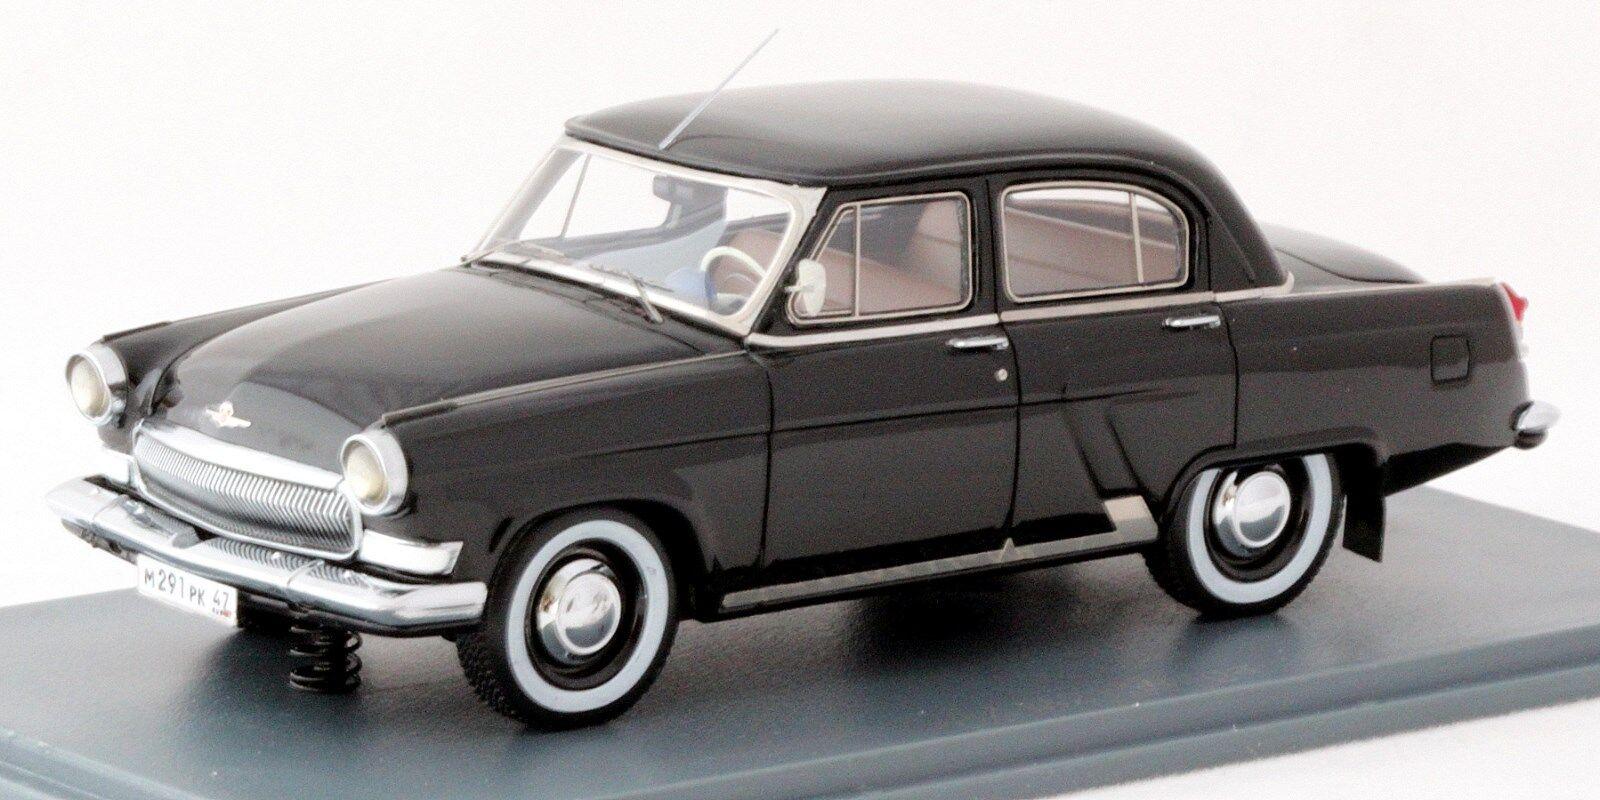 NEO SCALE MODELS échelle 1 43 44291 GAZ M21 Volga berline noir CCCP URSS Neuf dans sa boîte